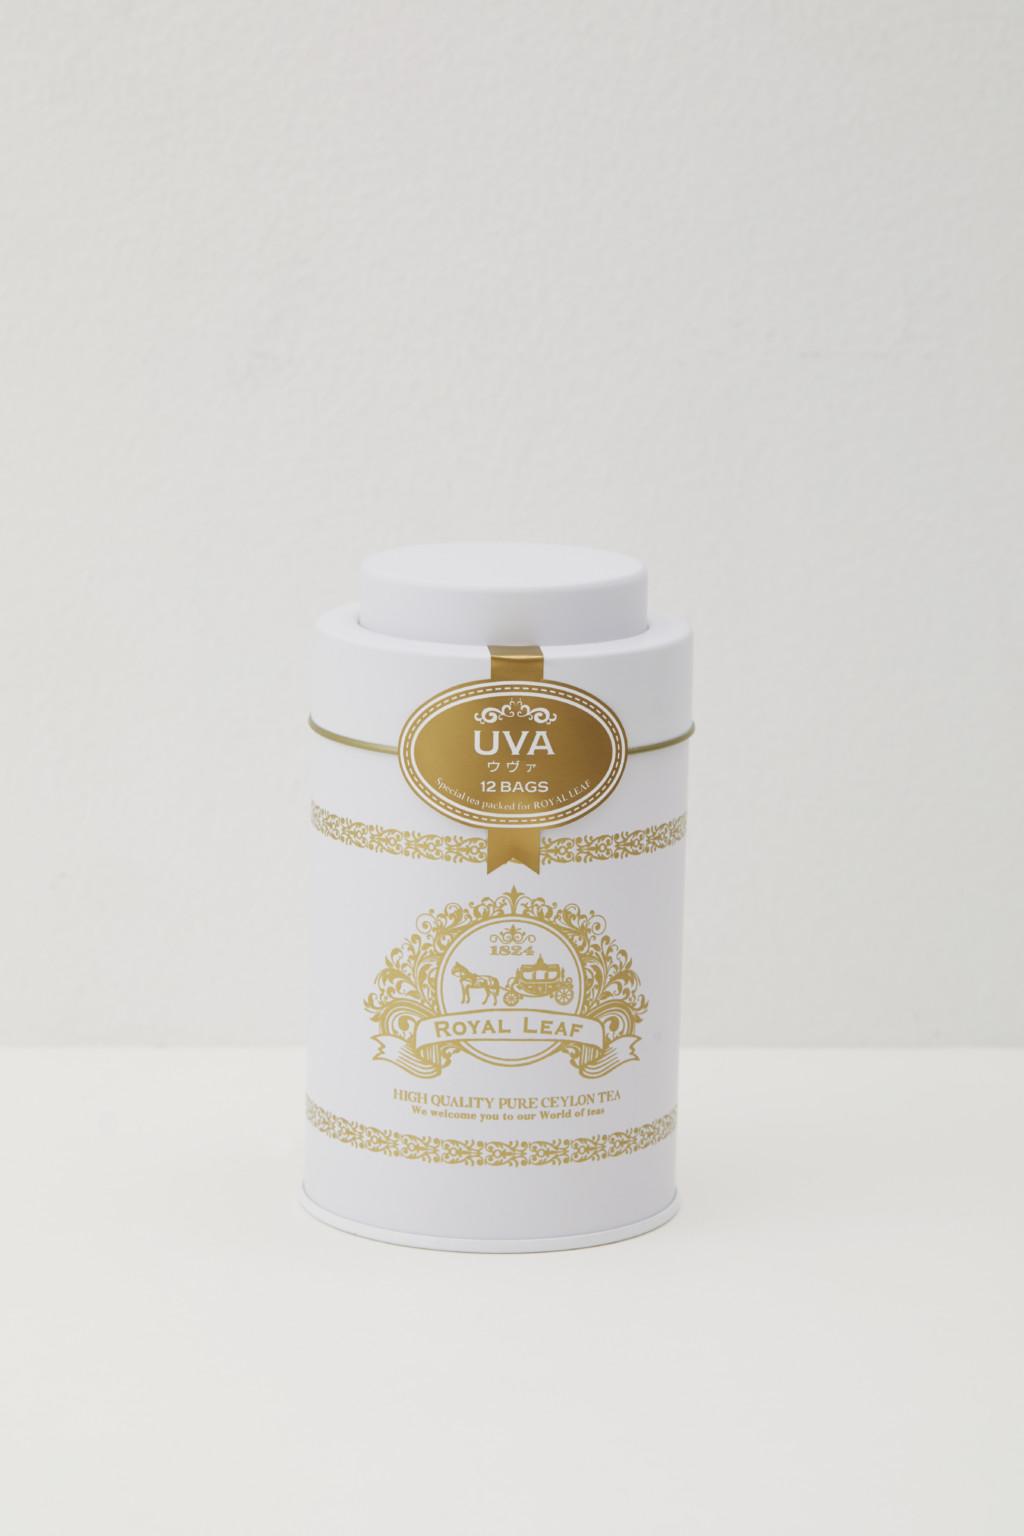 ab46176581d62367214740cc44e68e37 1 - UVA (ウヴァ) ティーバッグ12個入 缶